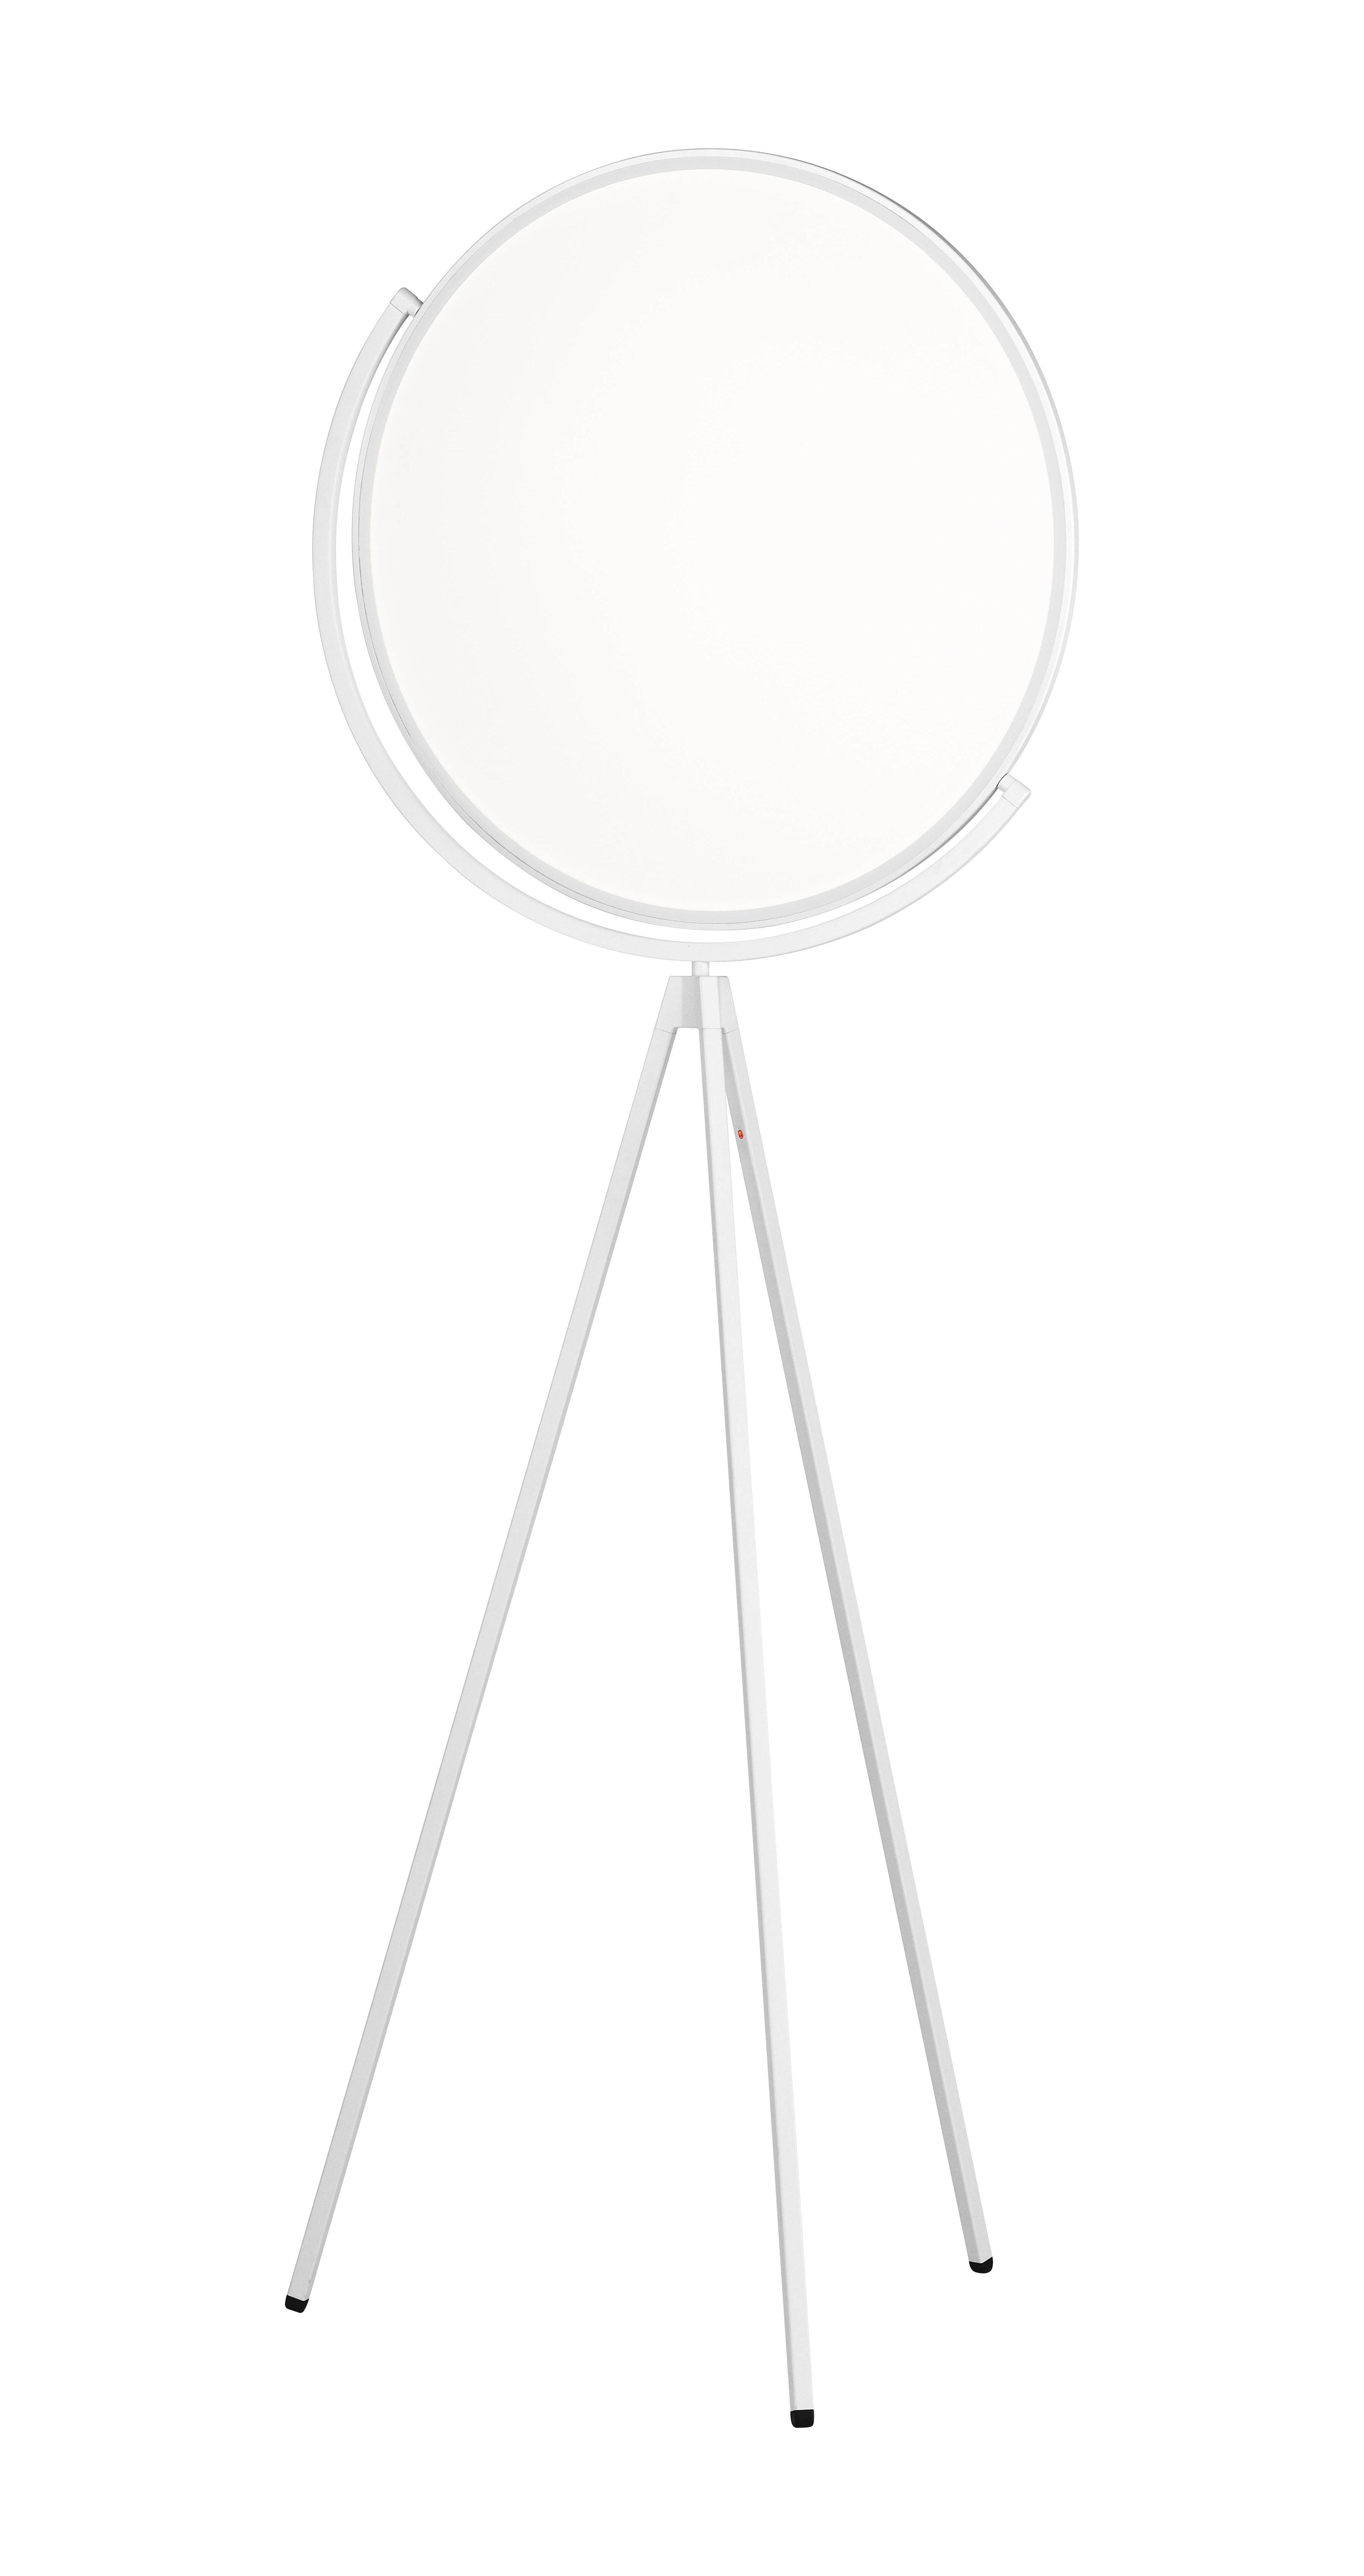 Luminaire - Lampadaires - Lampadaire Superloon LED / H 197 cm - Orientable - Flos - Blanc - Aluminium peint, PMMA